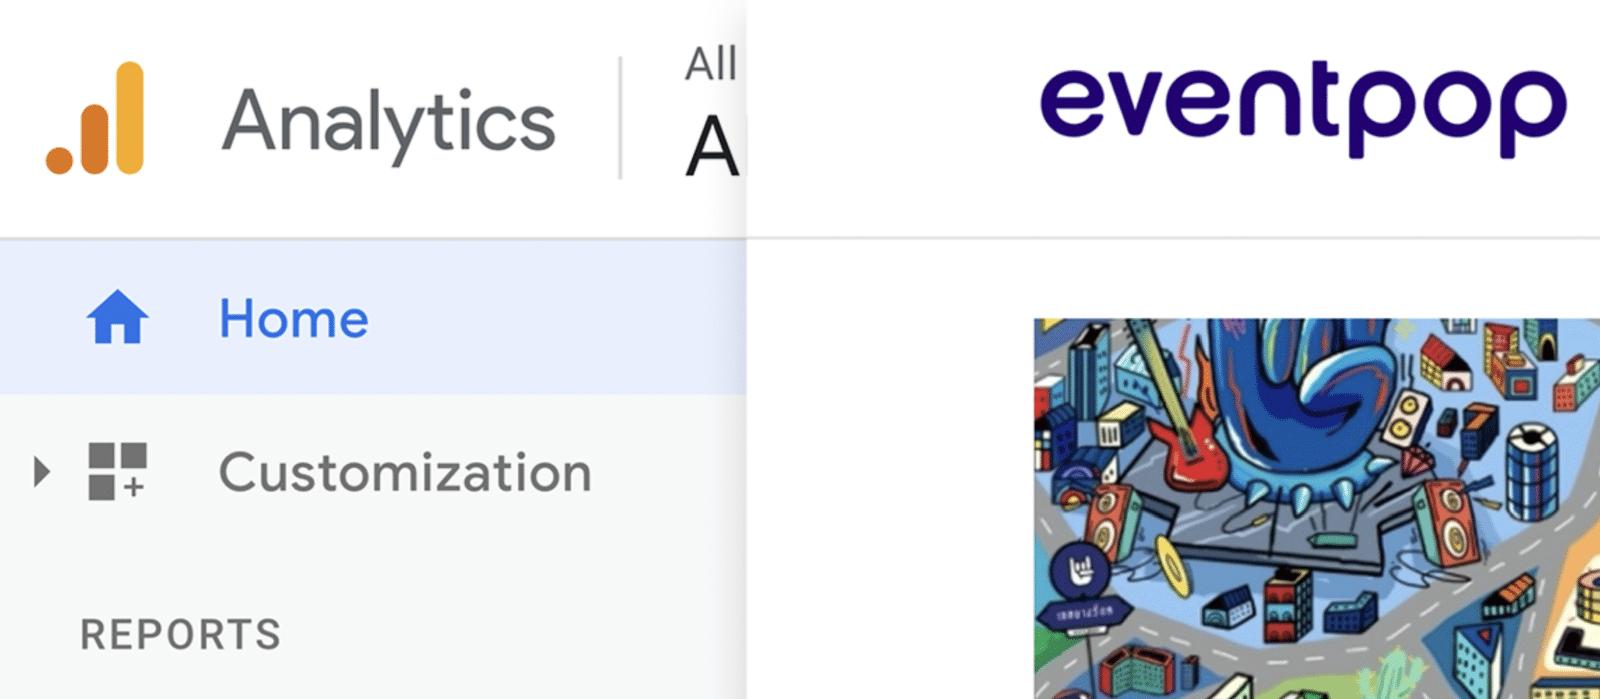 วิธีใส่ Google Analytic ใน Eventpop ดูข้อมูลคนกดบัตรแบบ Realtime